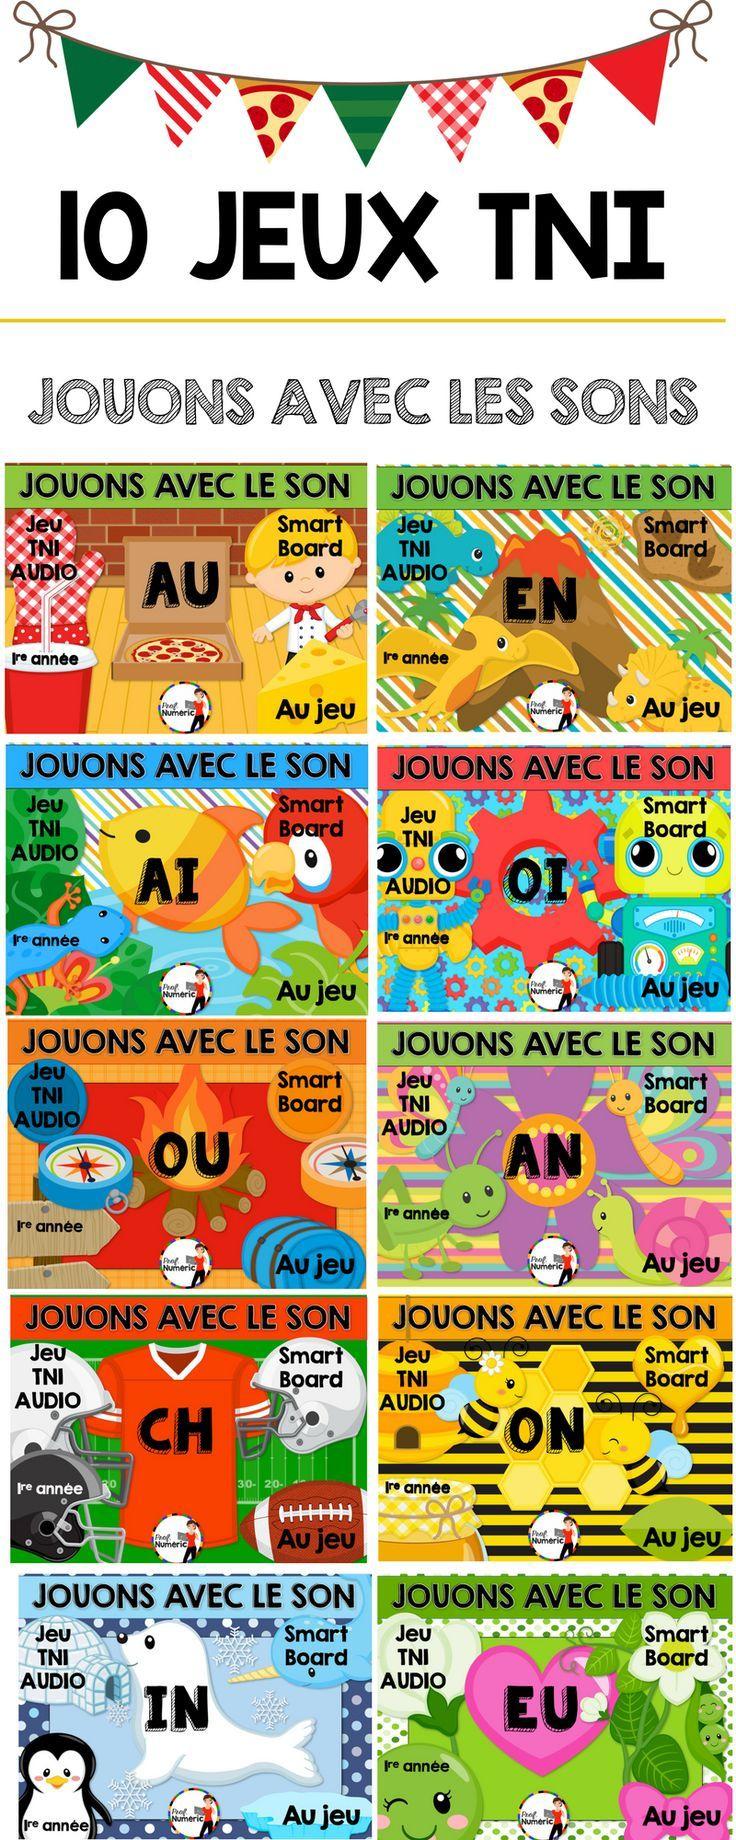 Jeu Audio Sur Les Sons (Tni Ou Internet) | L'éducation avec Jeux Interactifs Primaire